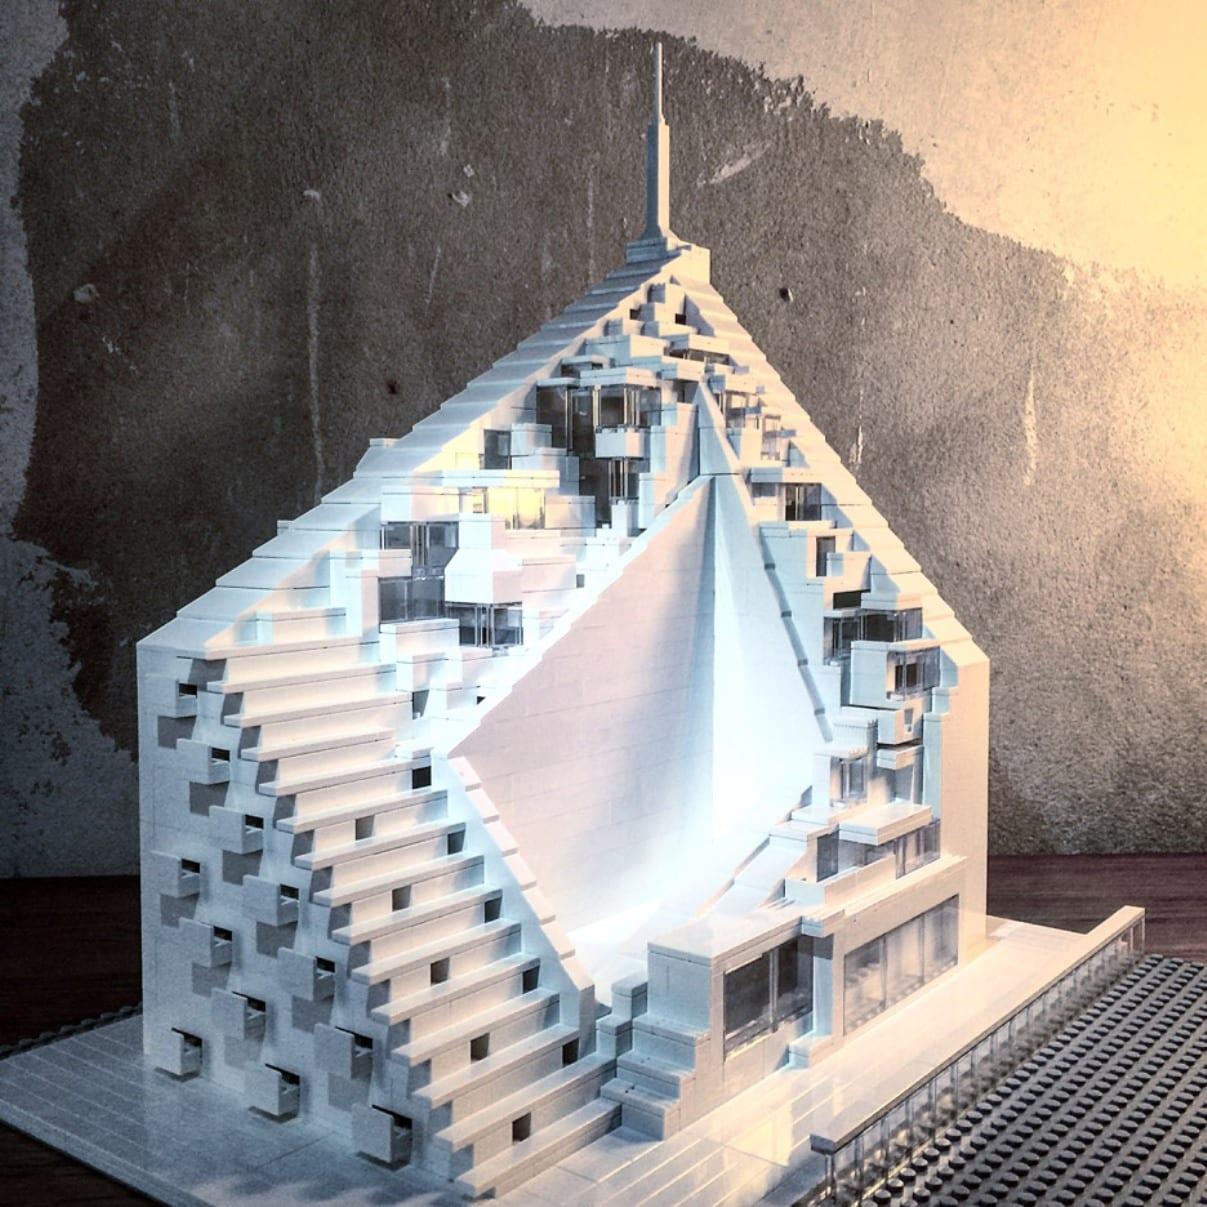 Arquitectura de Lego 2